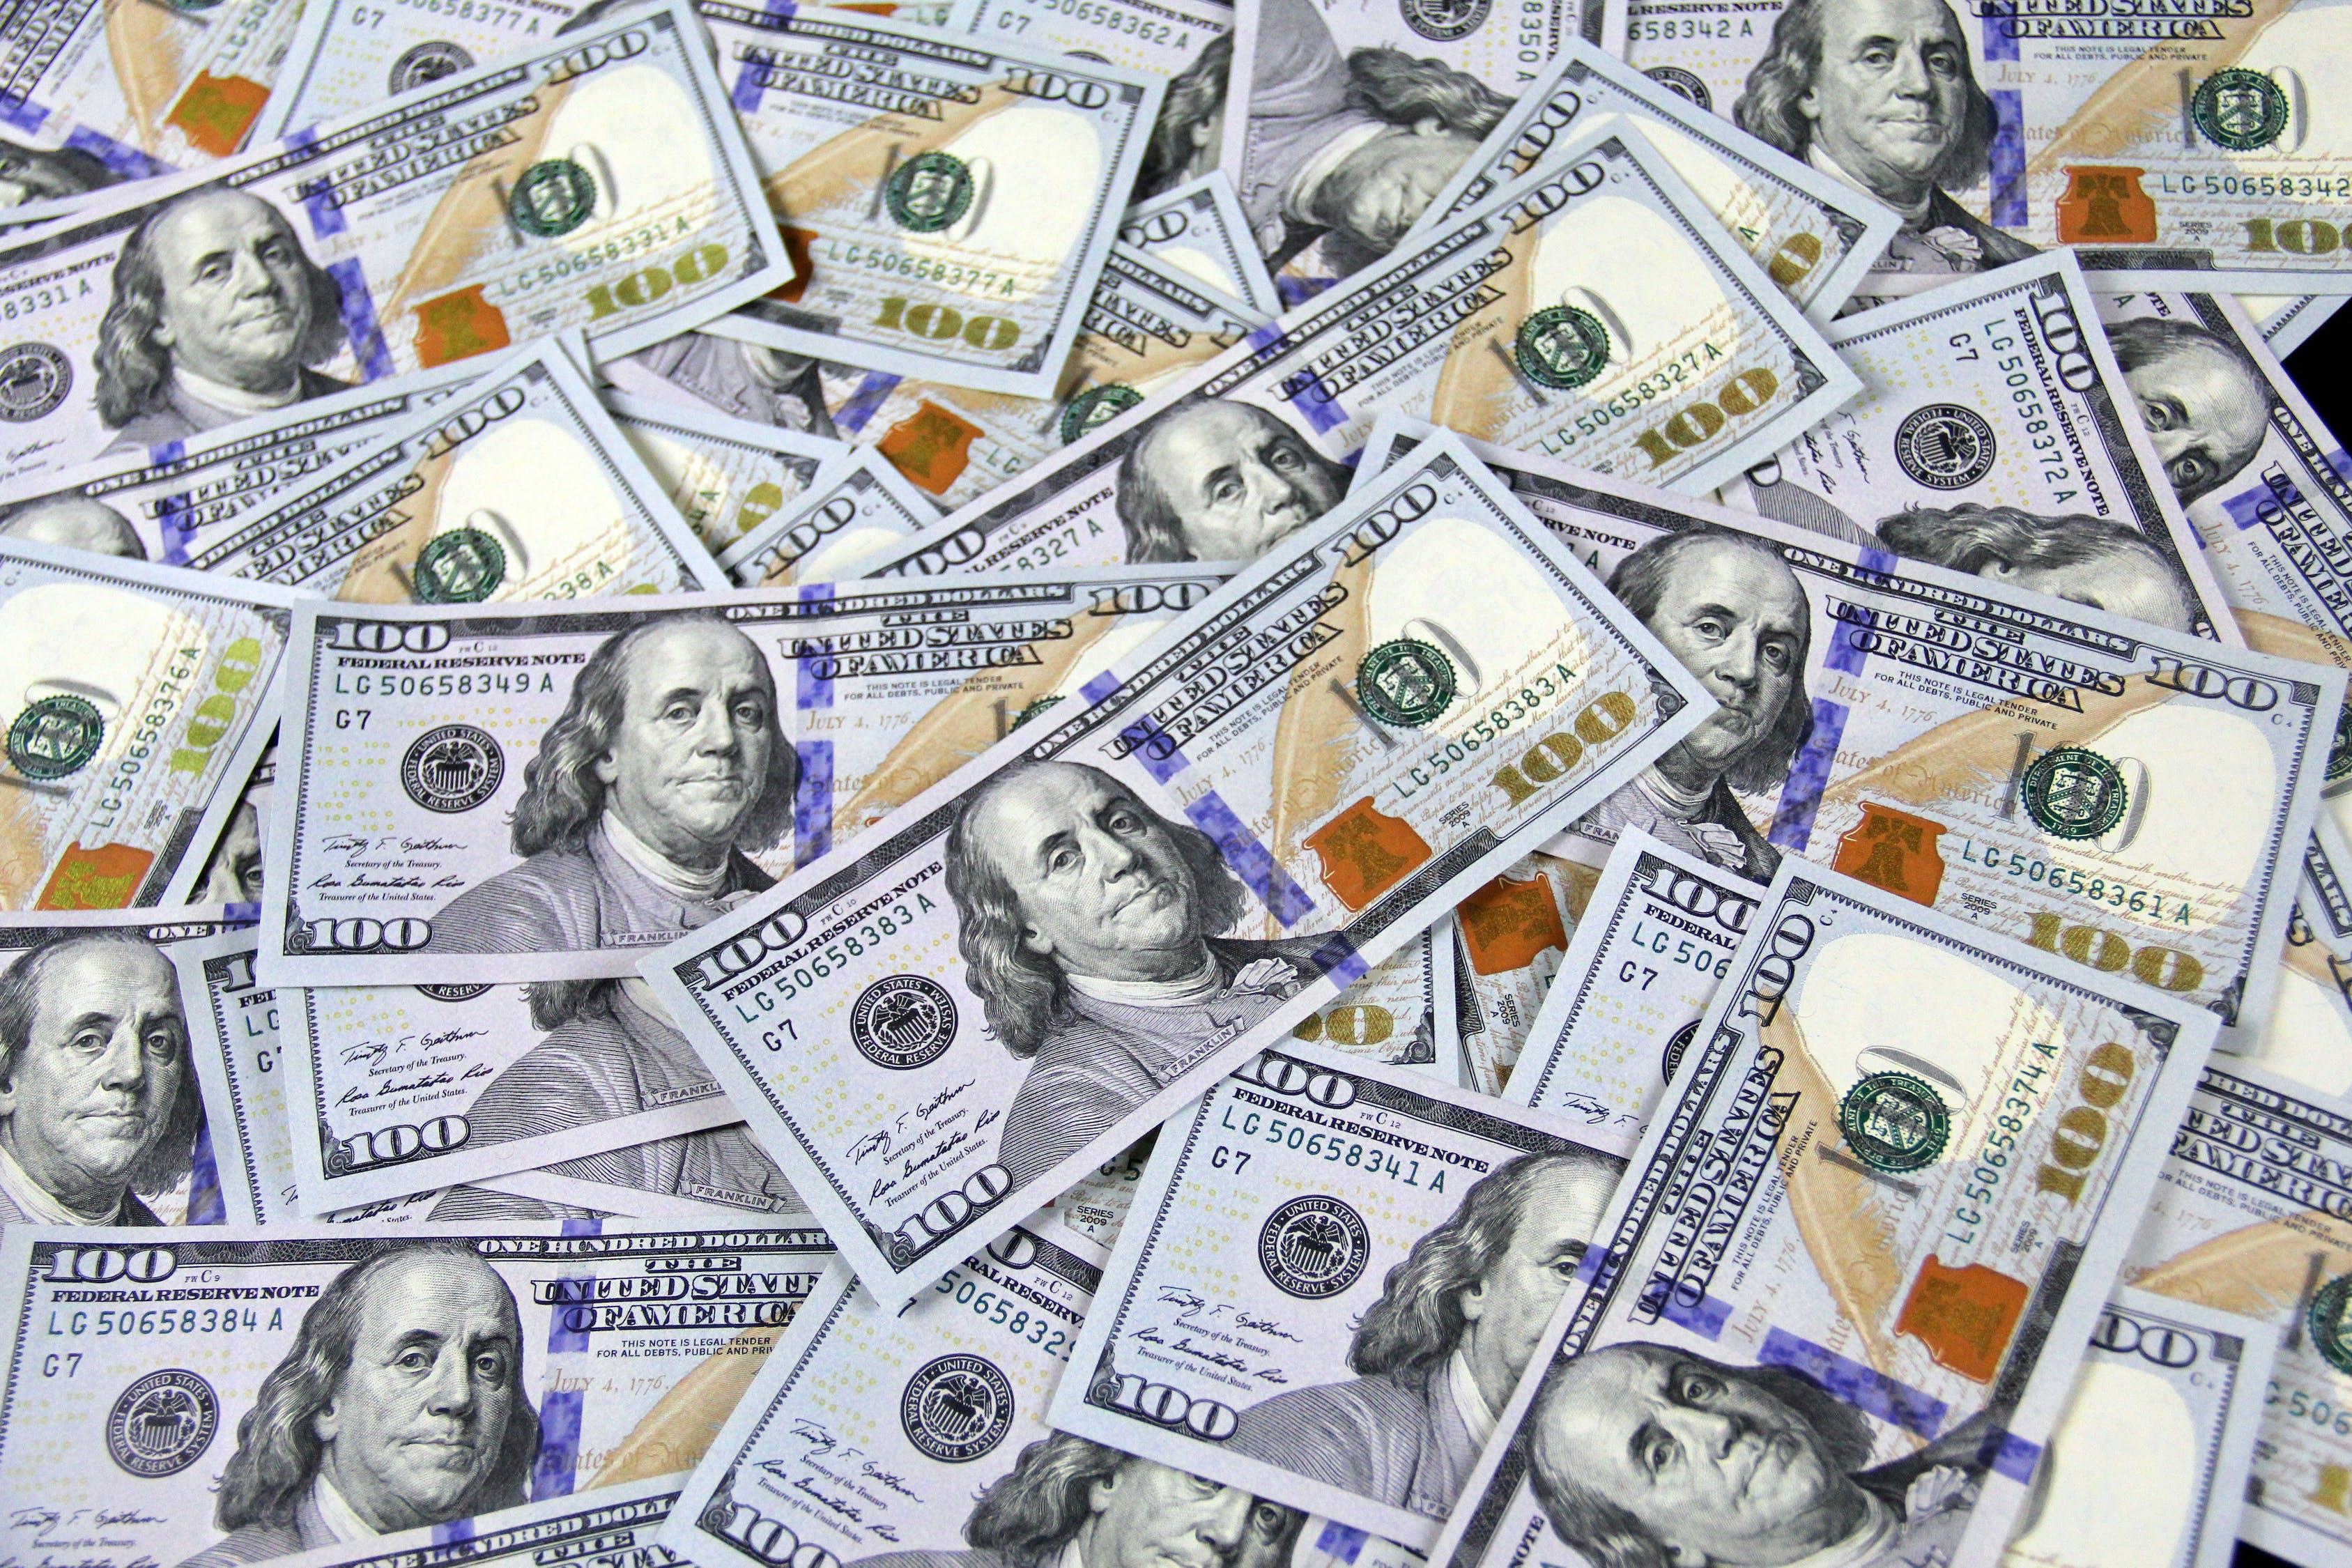 疯狂剁手:5月1日银联网络交易近4000亿元 你花了多少?